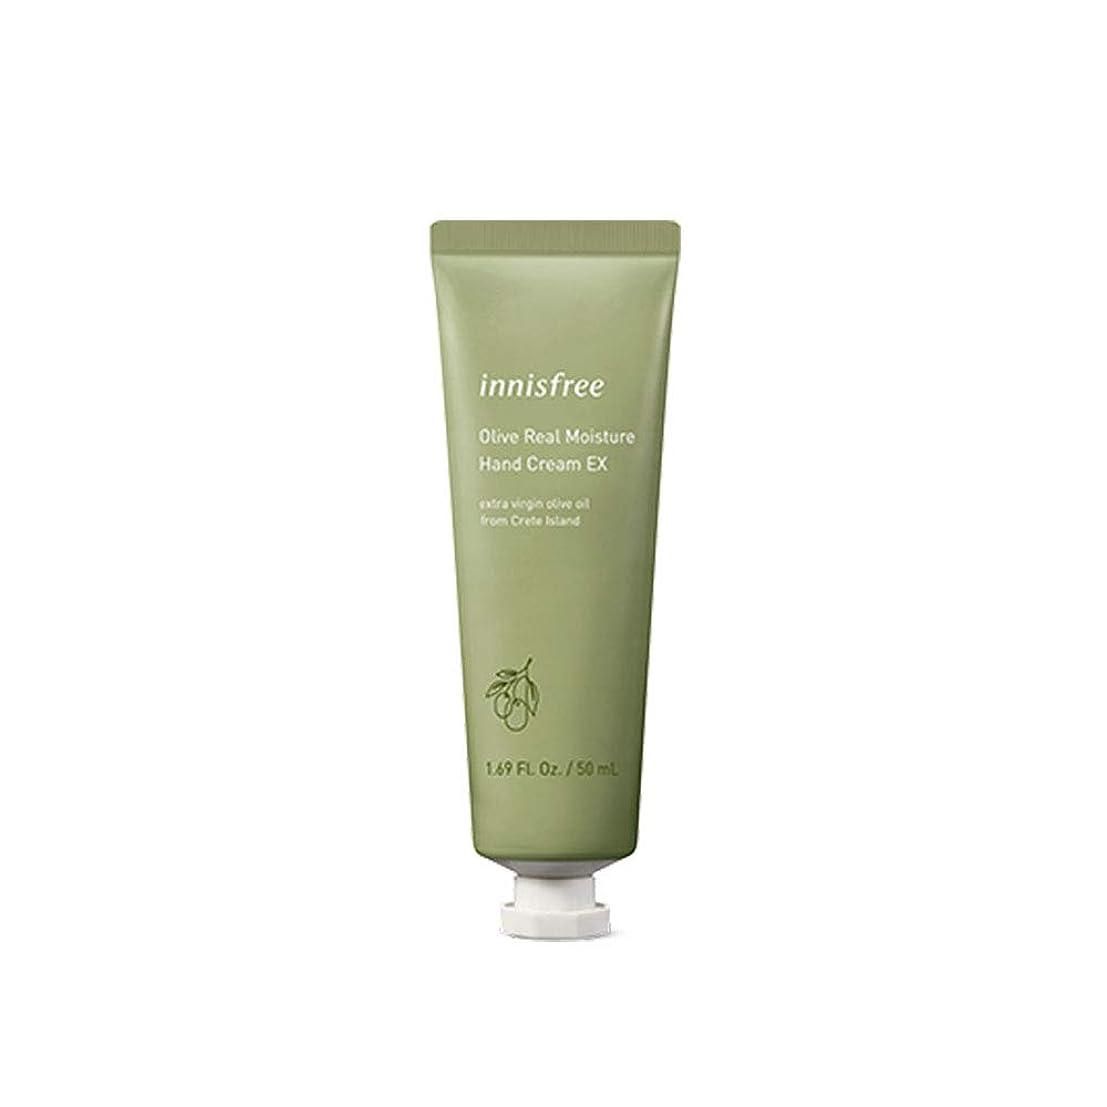 偉業恩恵いっぱいイニスフリー Innisfree オリーブリアル モイスチャー ハンドクリーム(50ml) Innisfree Olive Real Moisture Hand Cream (50ml) [海外直送品]